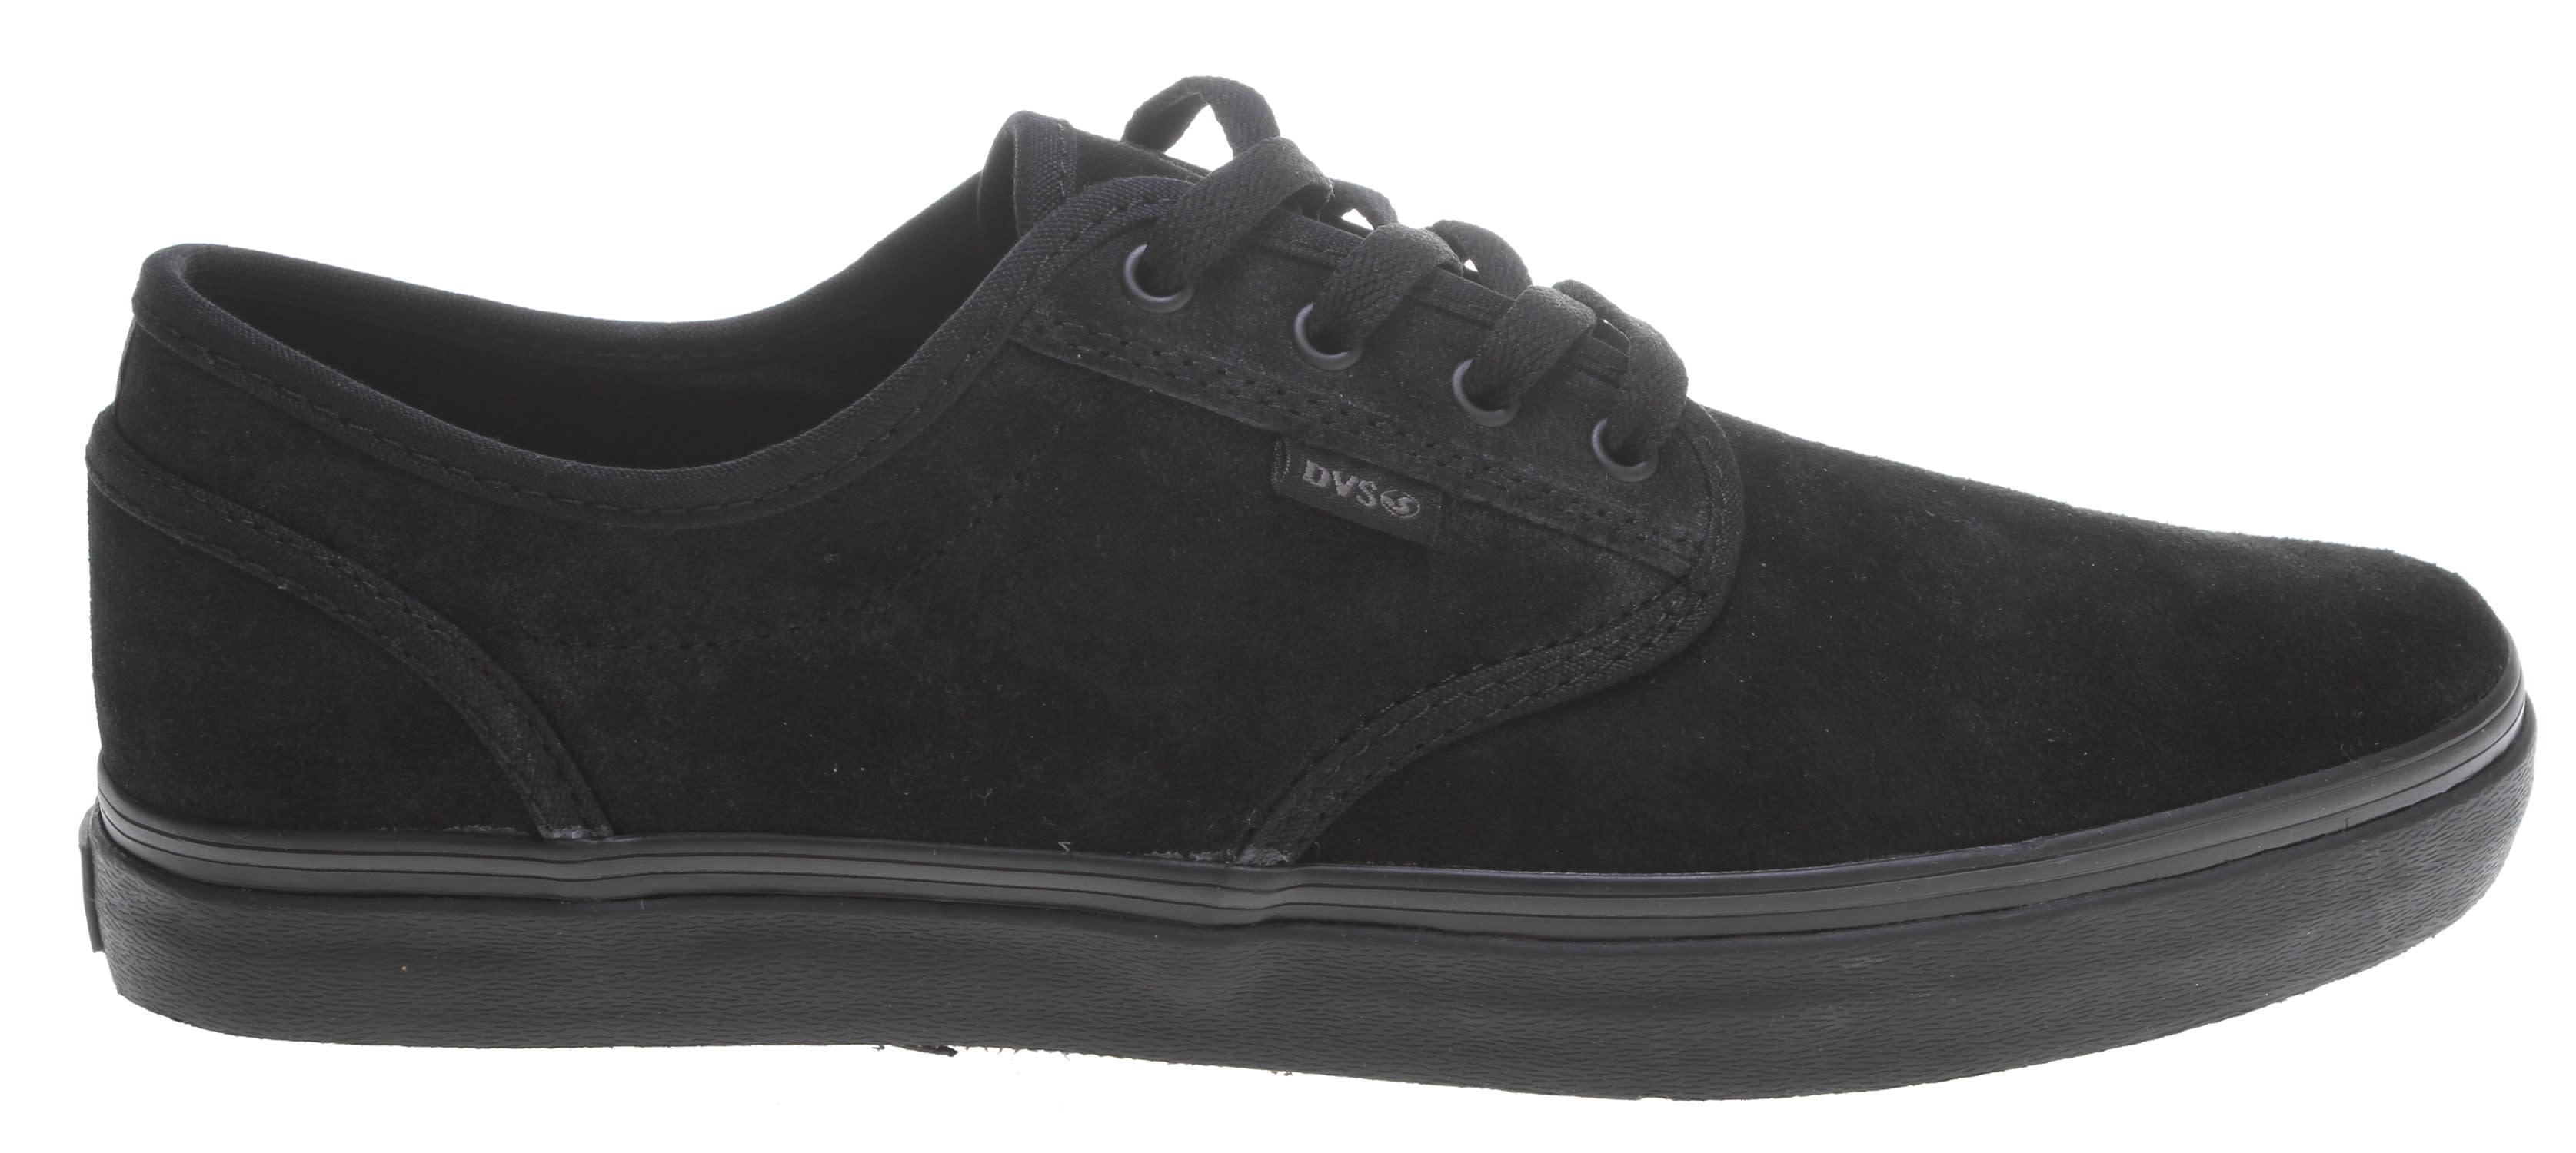 5745b05e9816 DVS Rico CT Skate Shoes - thumbnail 1